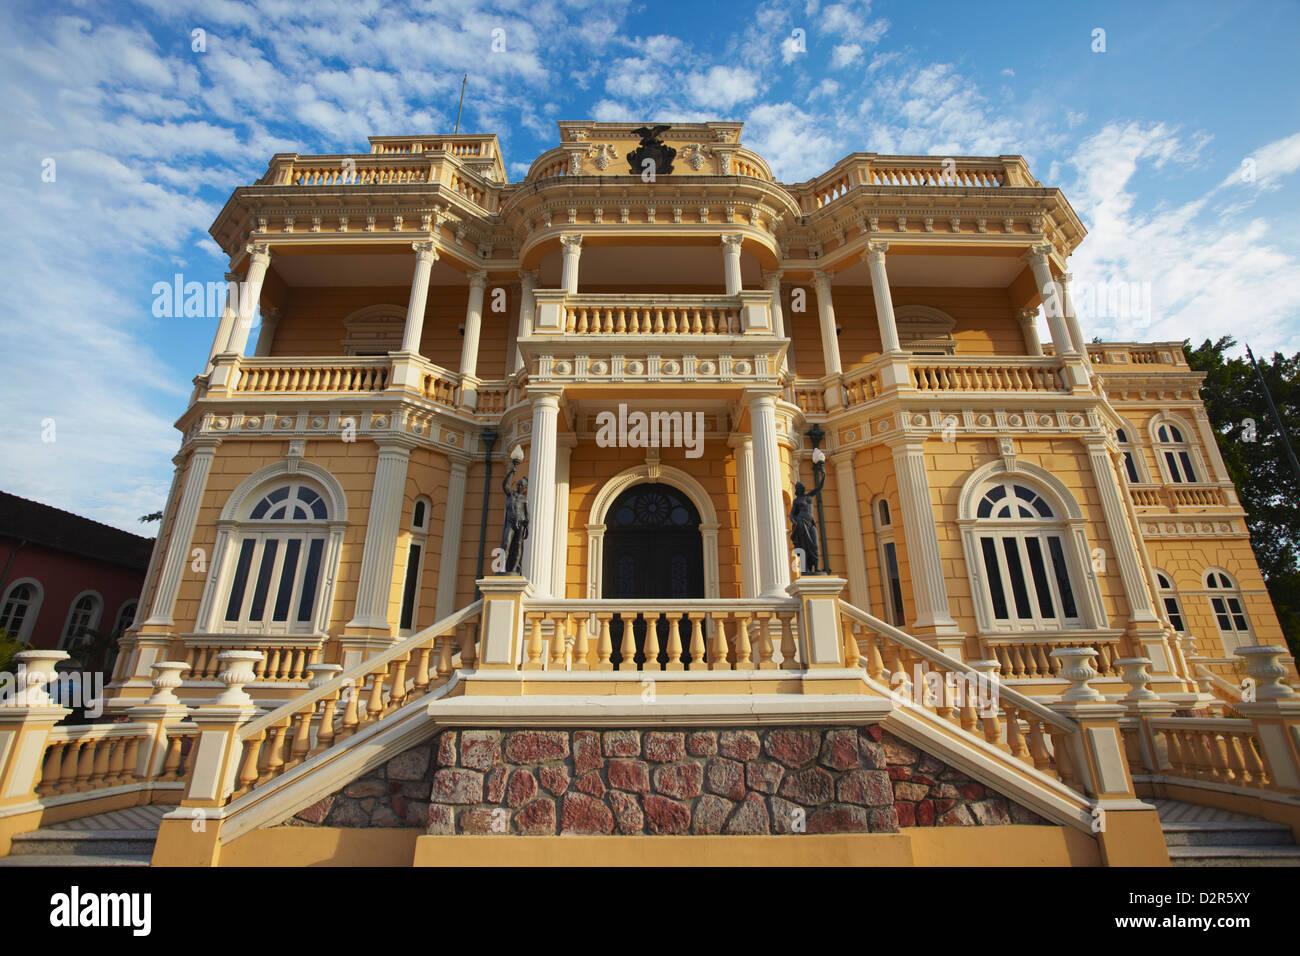 Palacio Rio Negro, Manaus, Amazonas, Brazil, South America - Stock Image